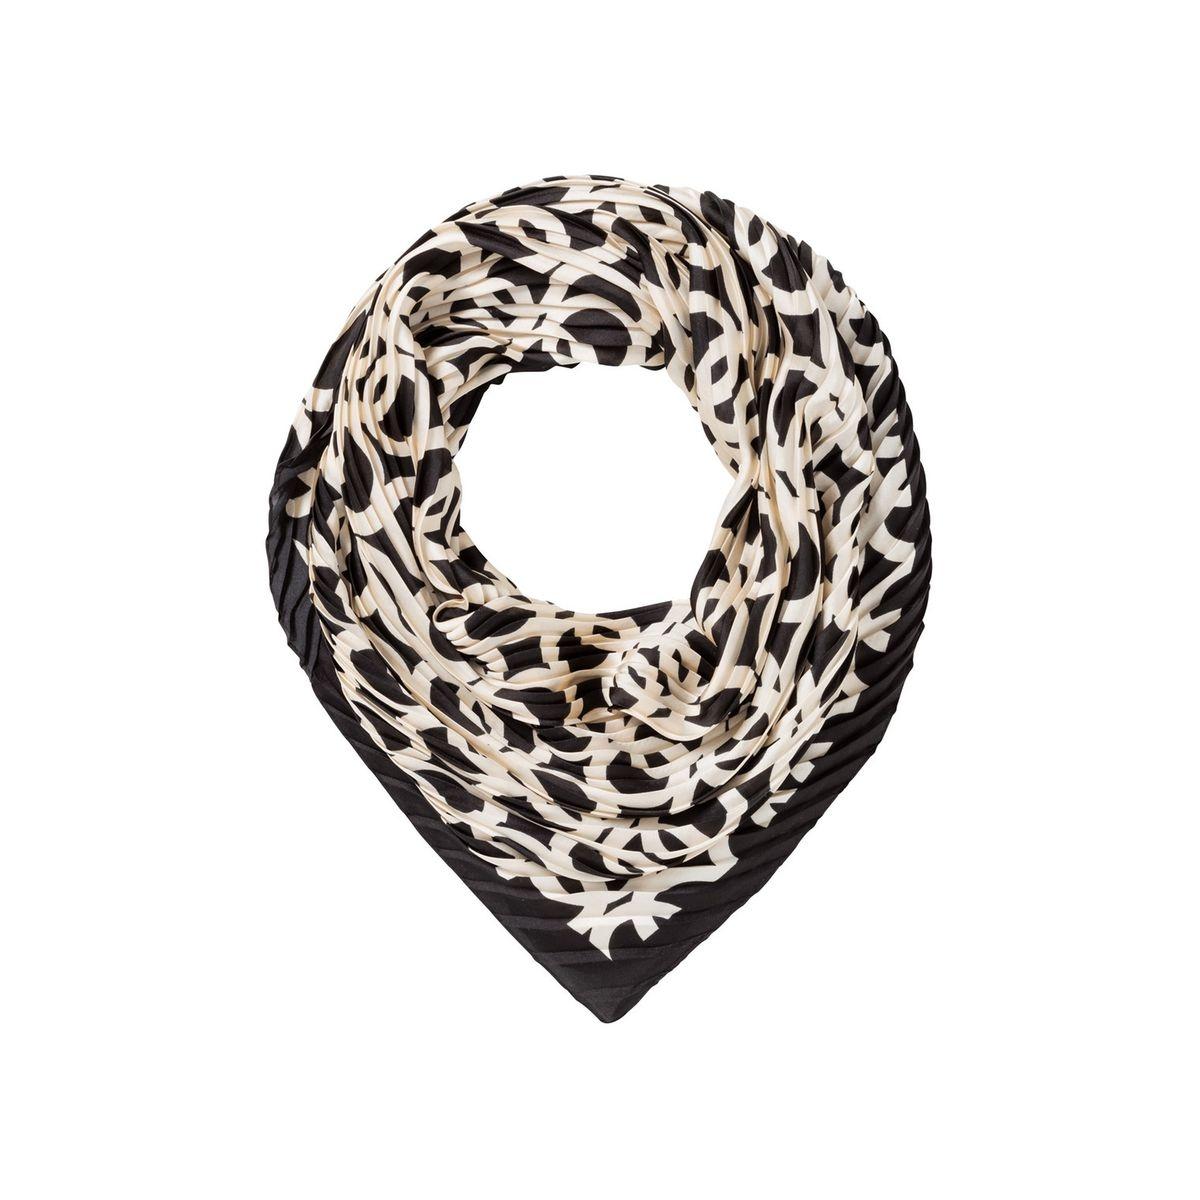 Foulard plissé à imprimé chaînes stylisé